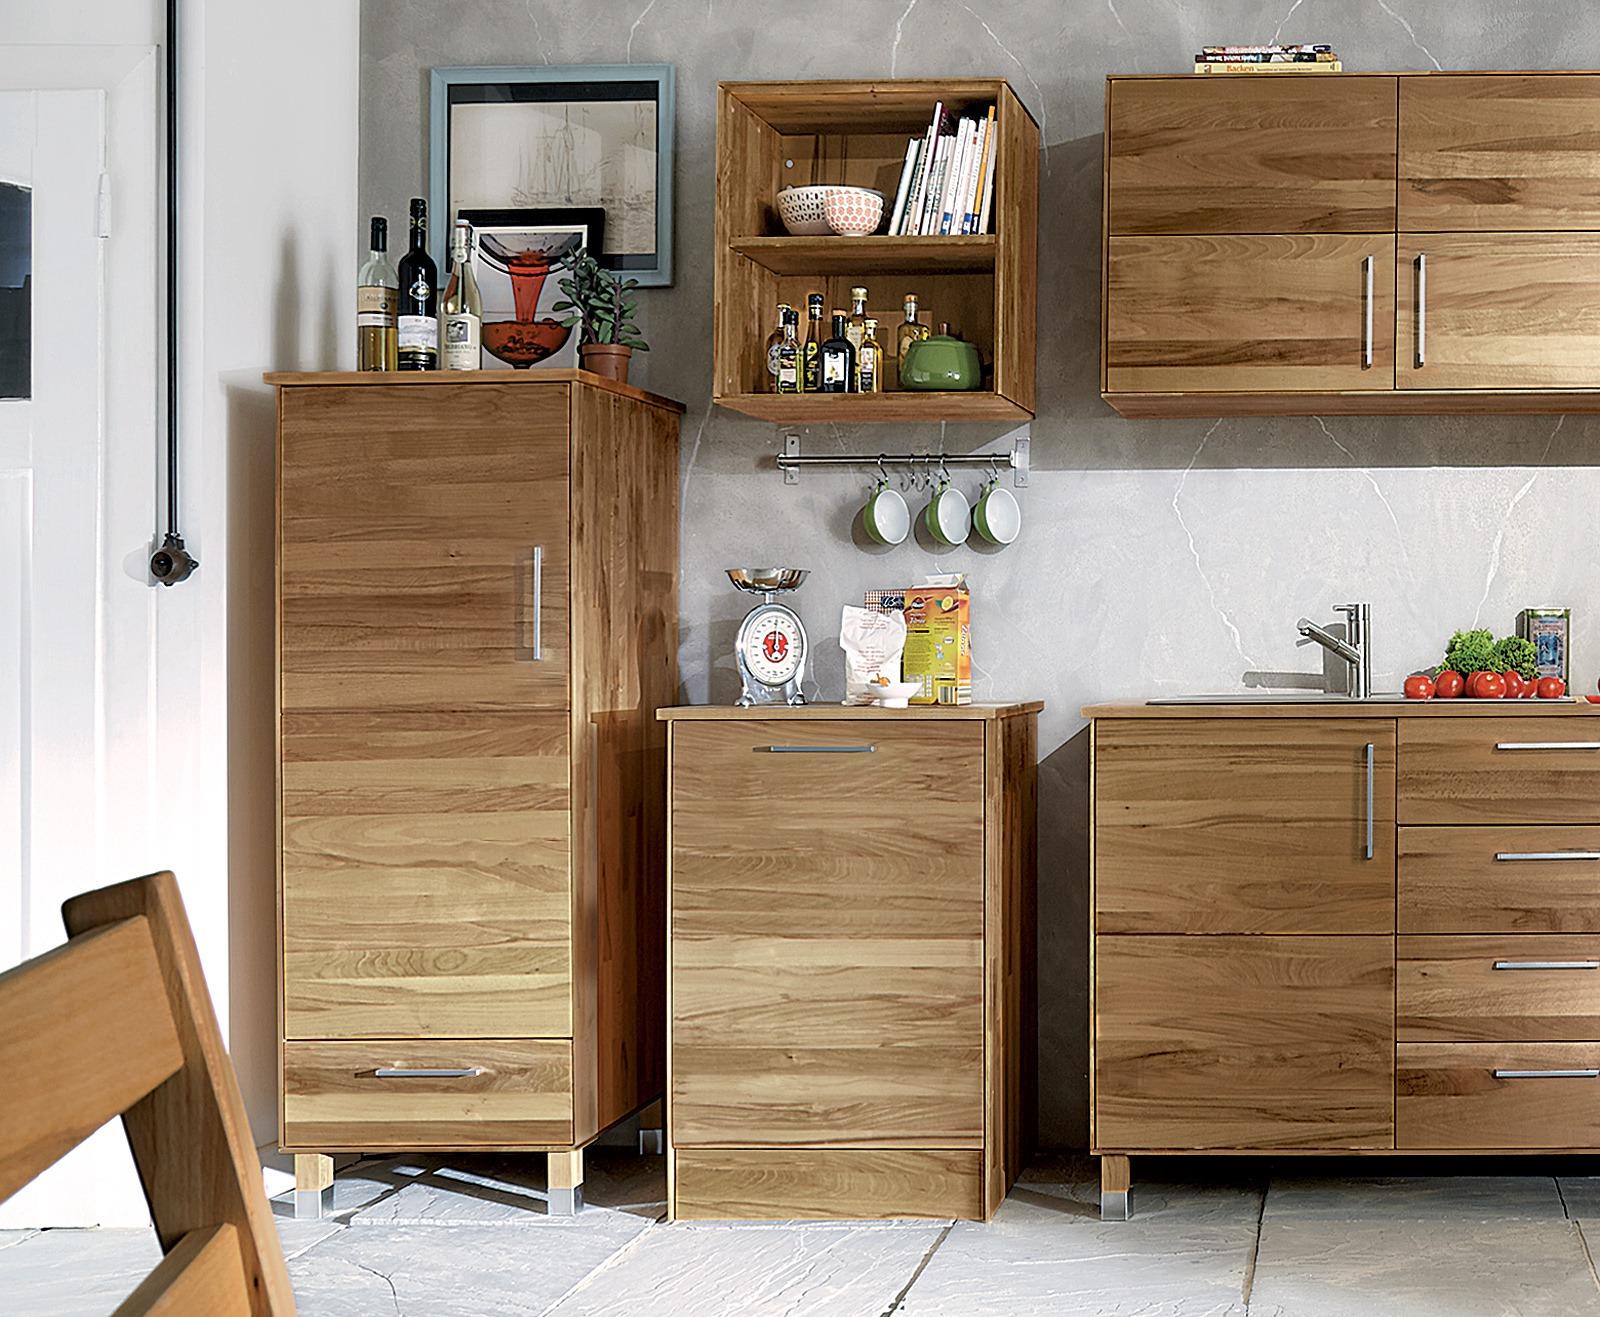 vorratsschrank culinara eiche. Black Bedroom Furniture Sets. Home Design Ideas